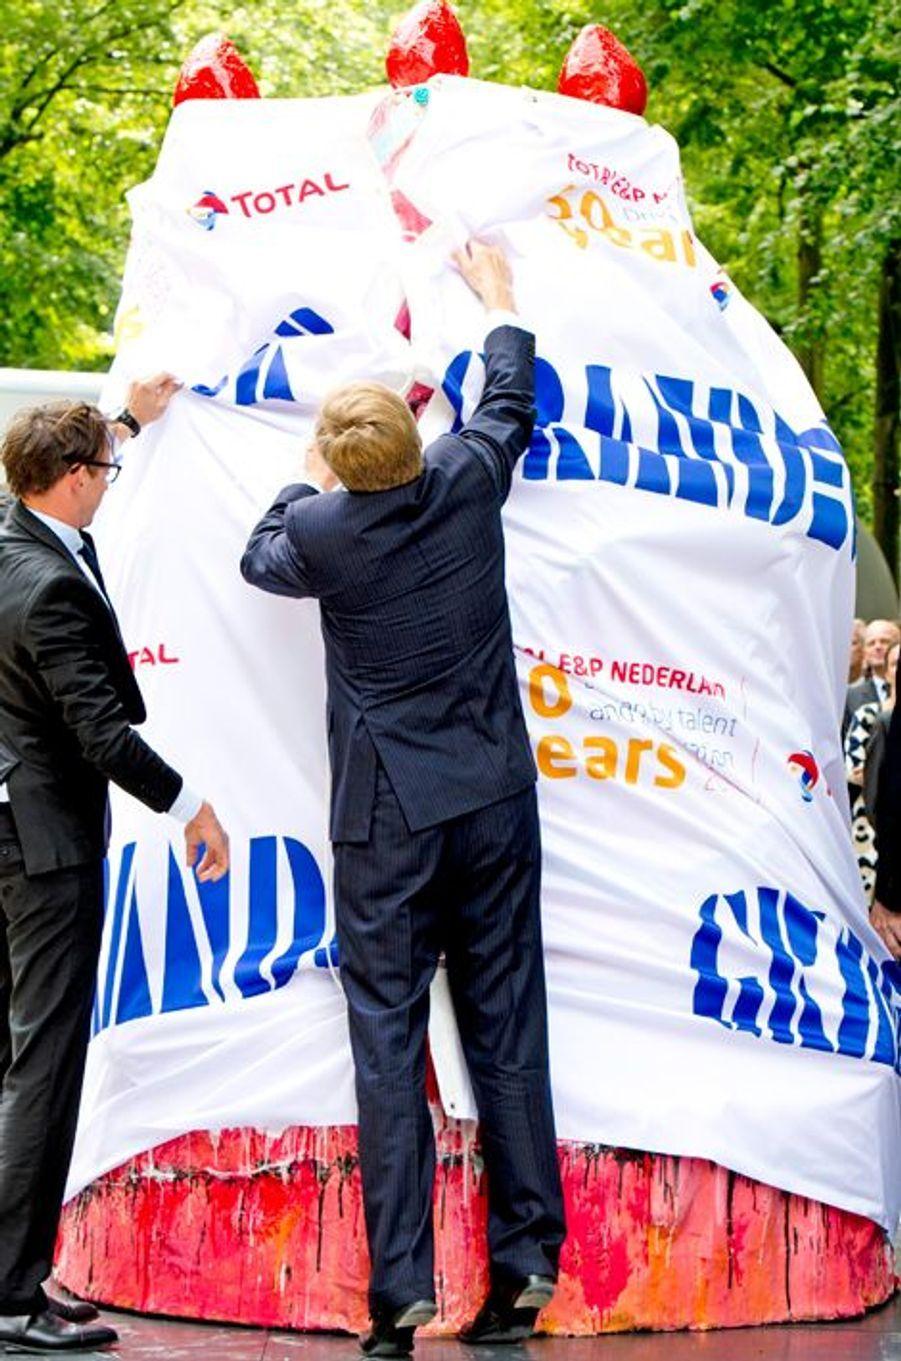 Willem-Alexander est bien curieux de voir ce qui se cache sous le papier, à La Haye le 17 juin 2014